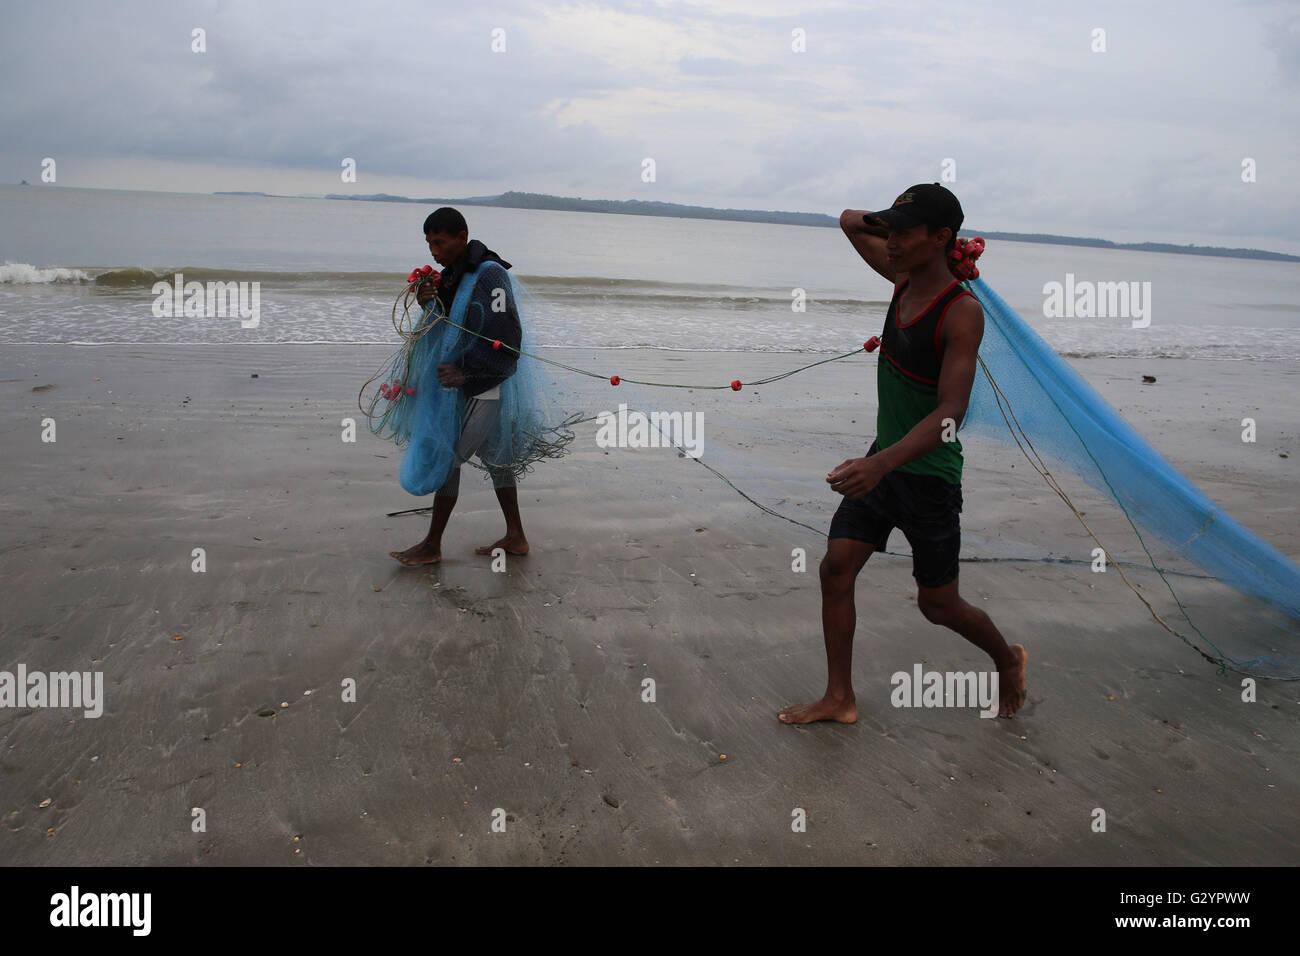 Kyaukphyu, Myanmar. 5th June, 2016. Fishermen carry the fishing net at the Kyaukphyu beach in Rakhine State, western - Stock Image